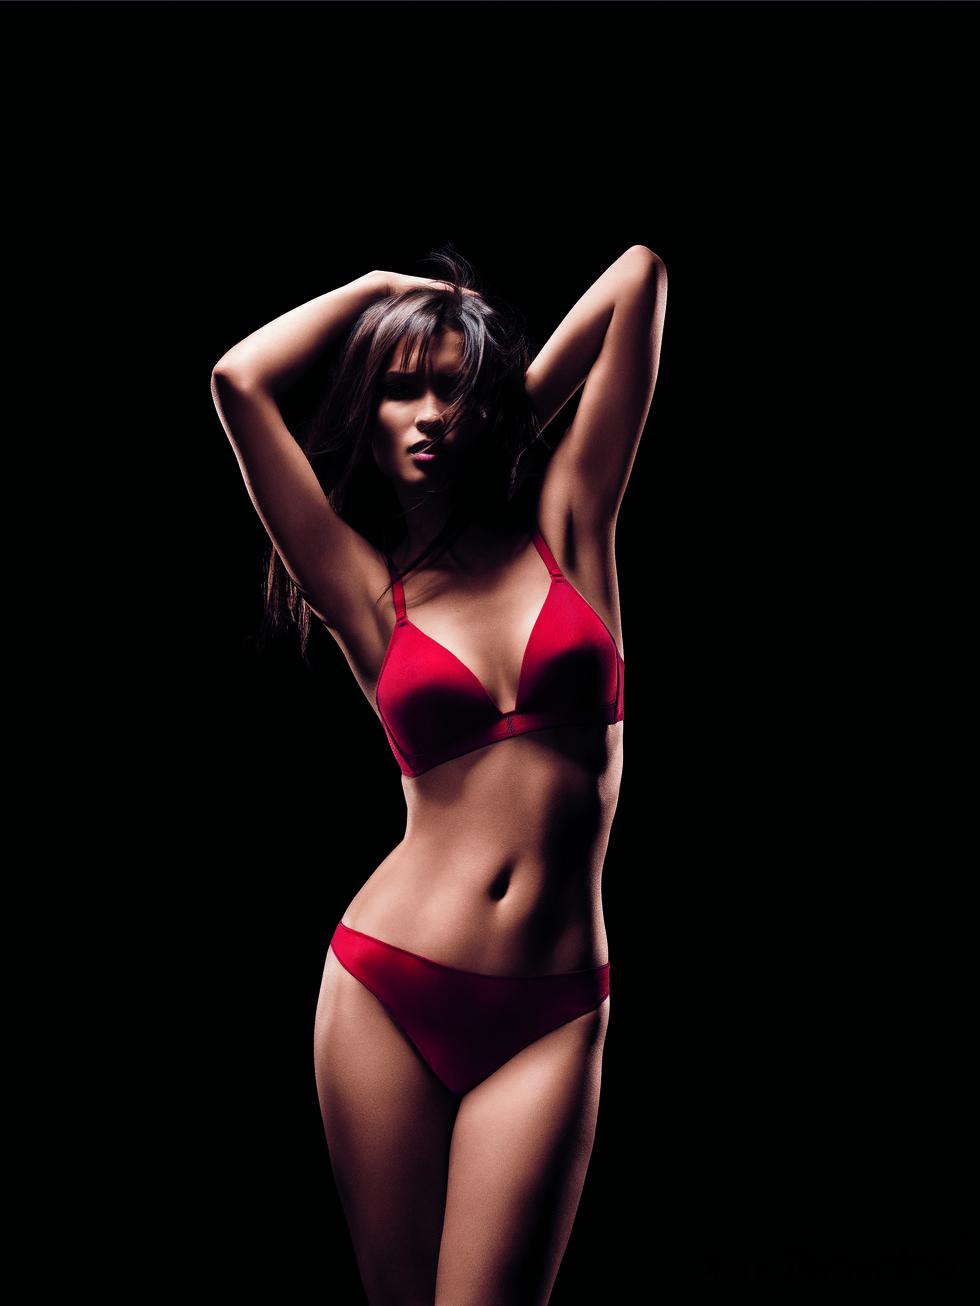 Conjunto de lencería rojo de la colección otoño-invierno 2011-2012 de la firma Implicite